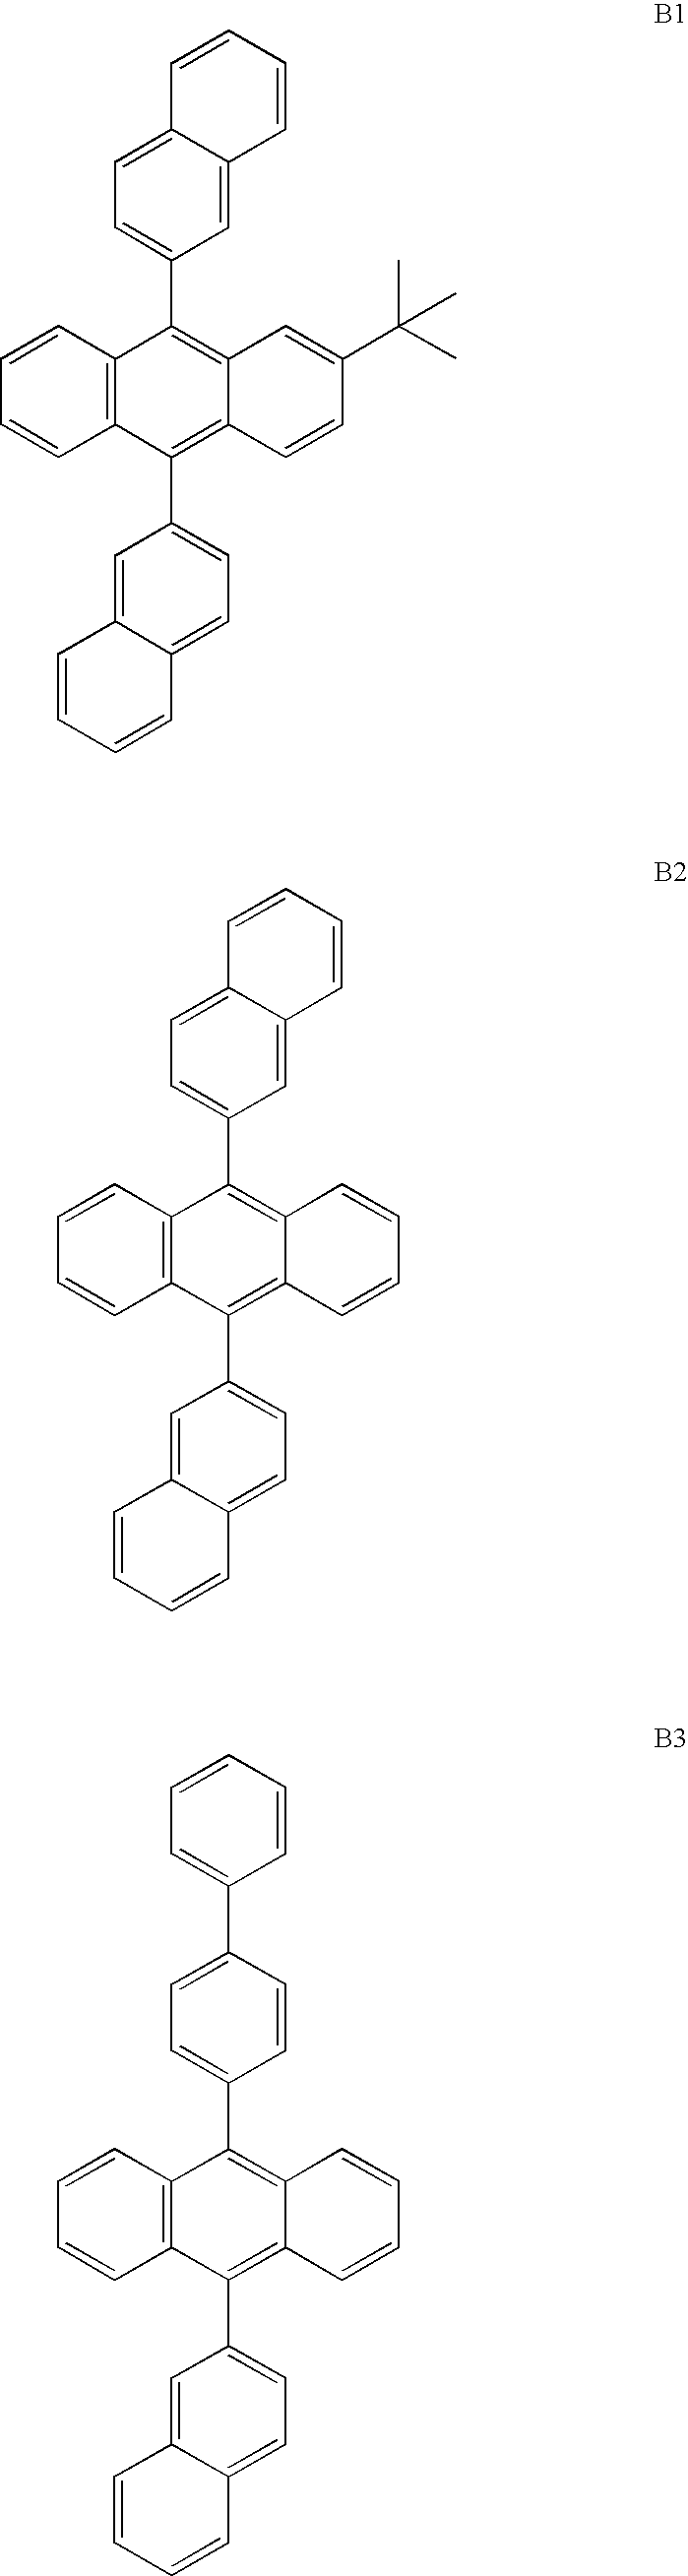 Figure US08877350-20141104-C00003